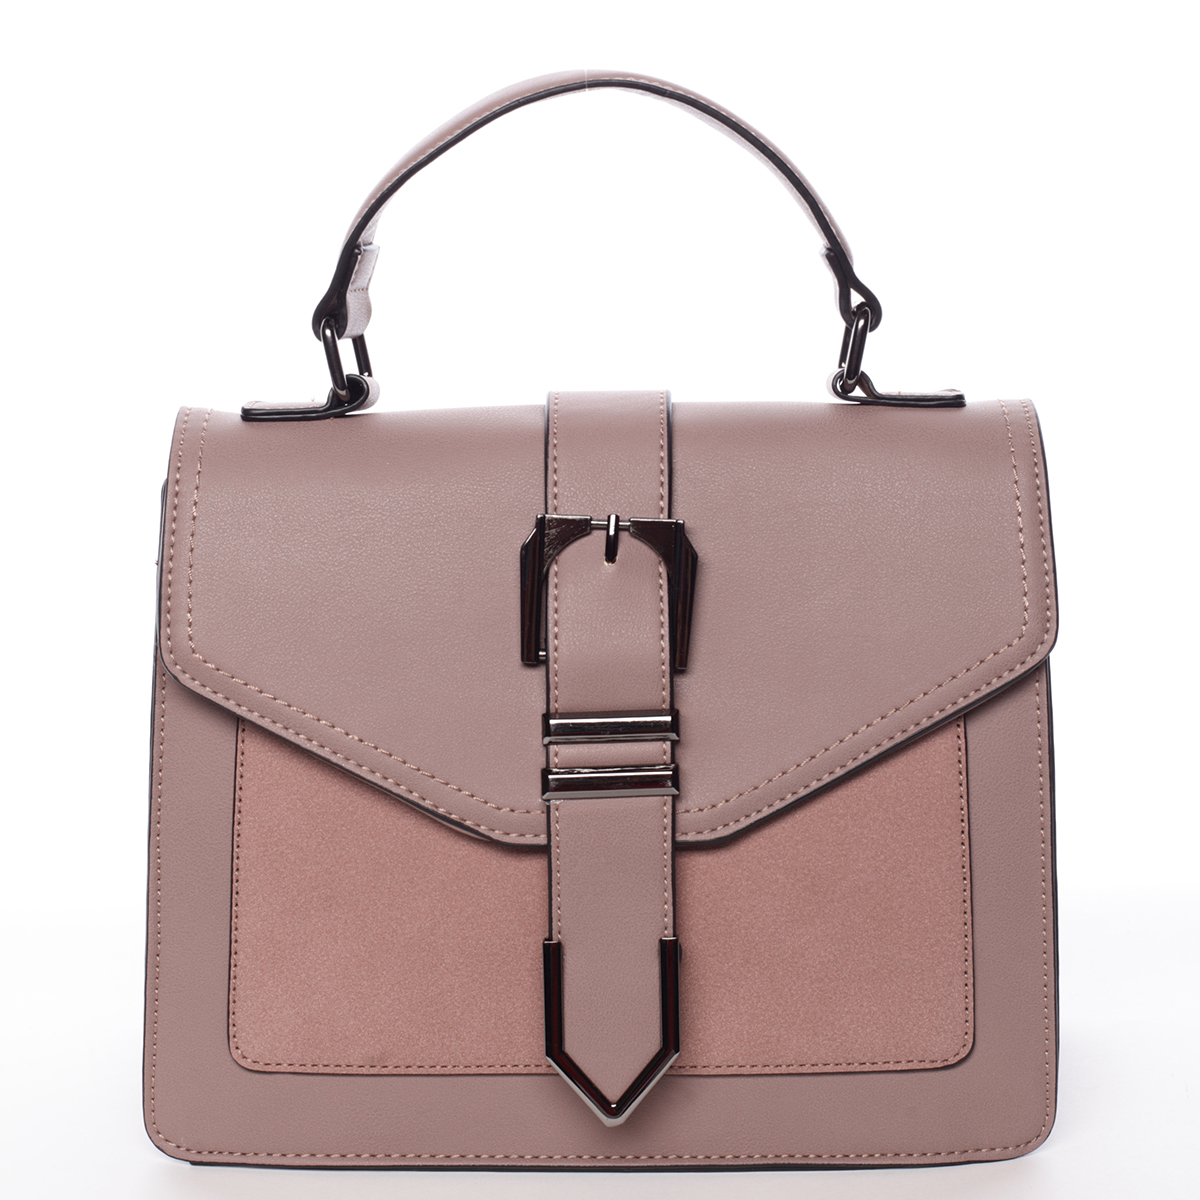 Nadčasová dámská kabelka do ruky růžová - MARIA C Justice